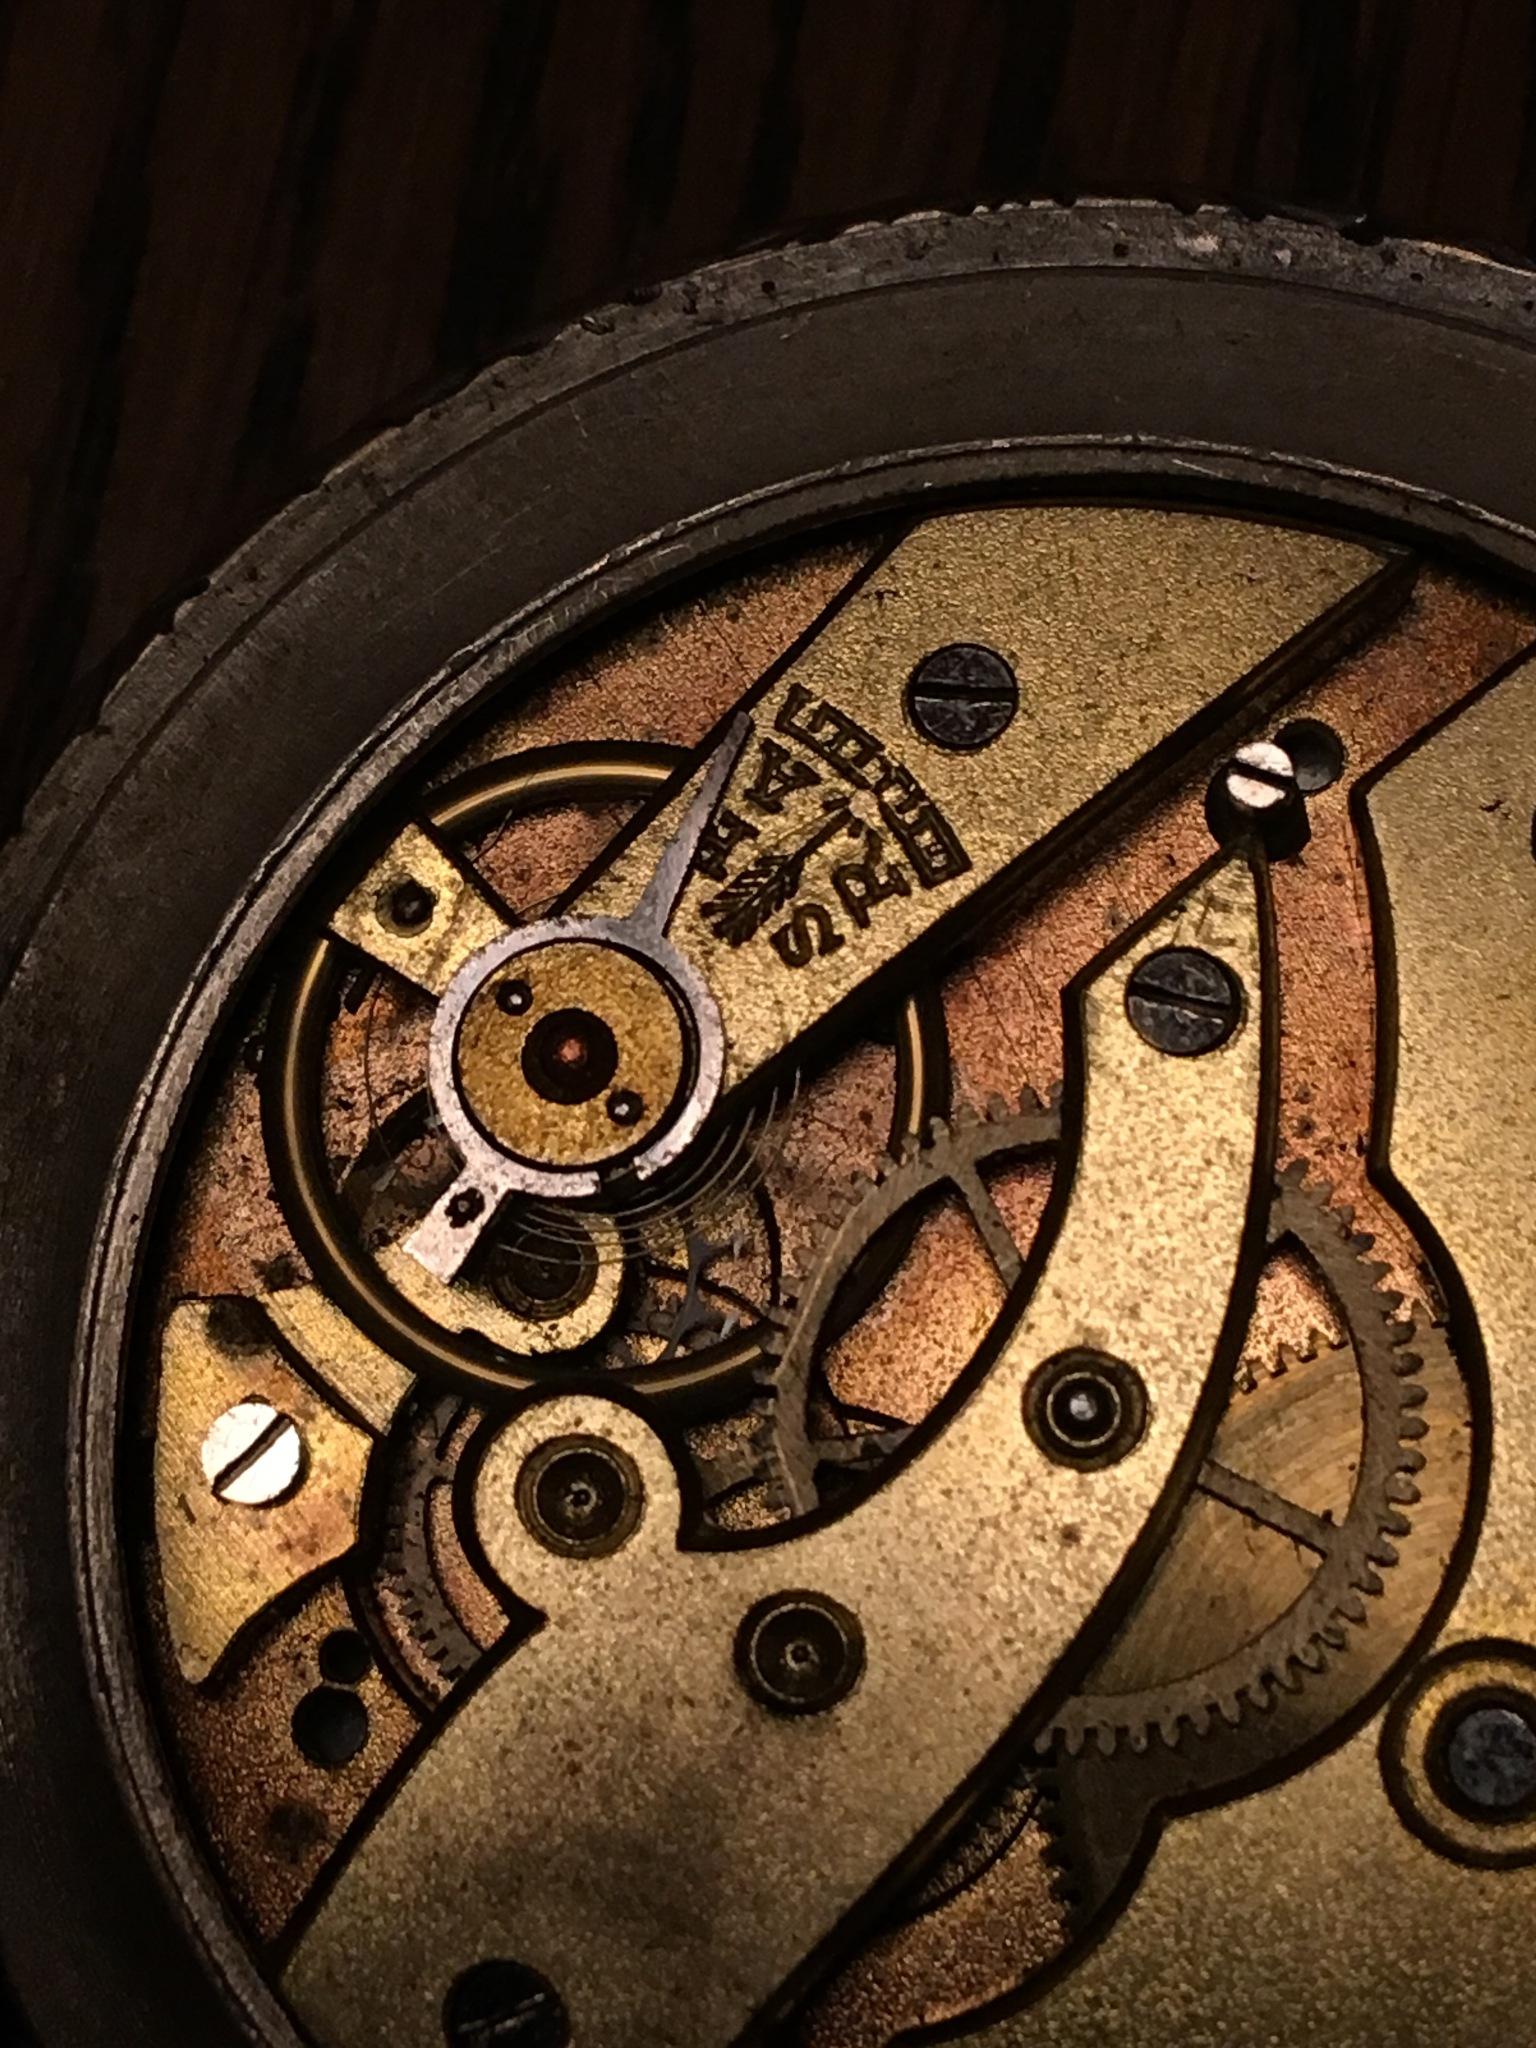 Time goes by ... by HSPhotoartgraz